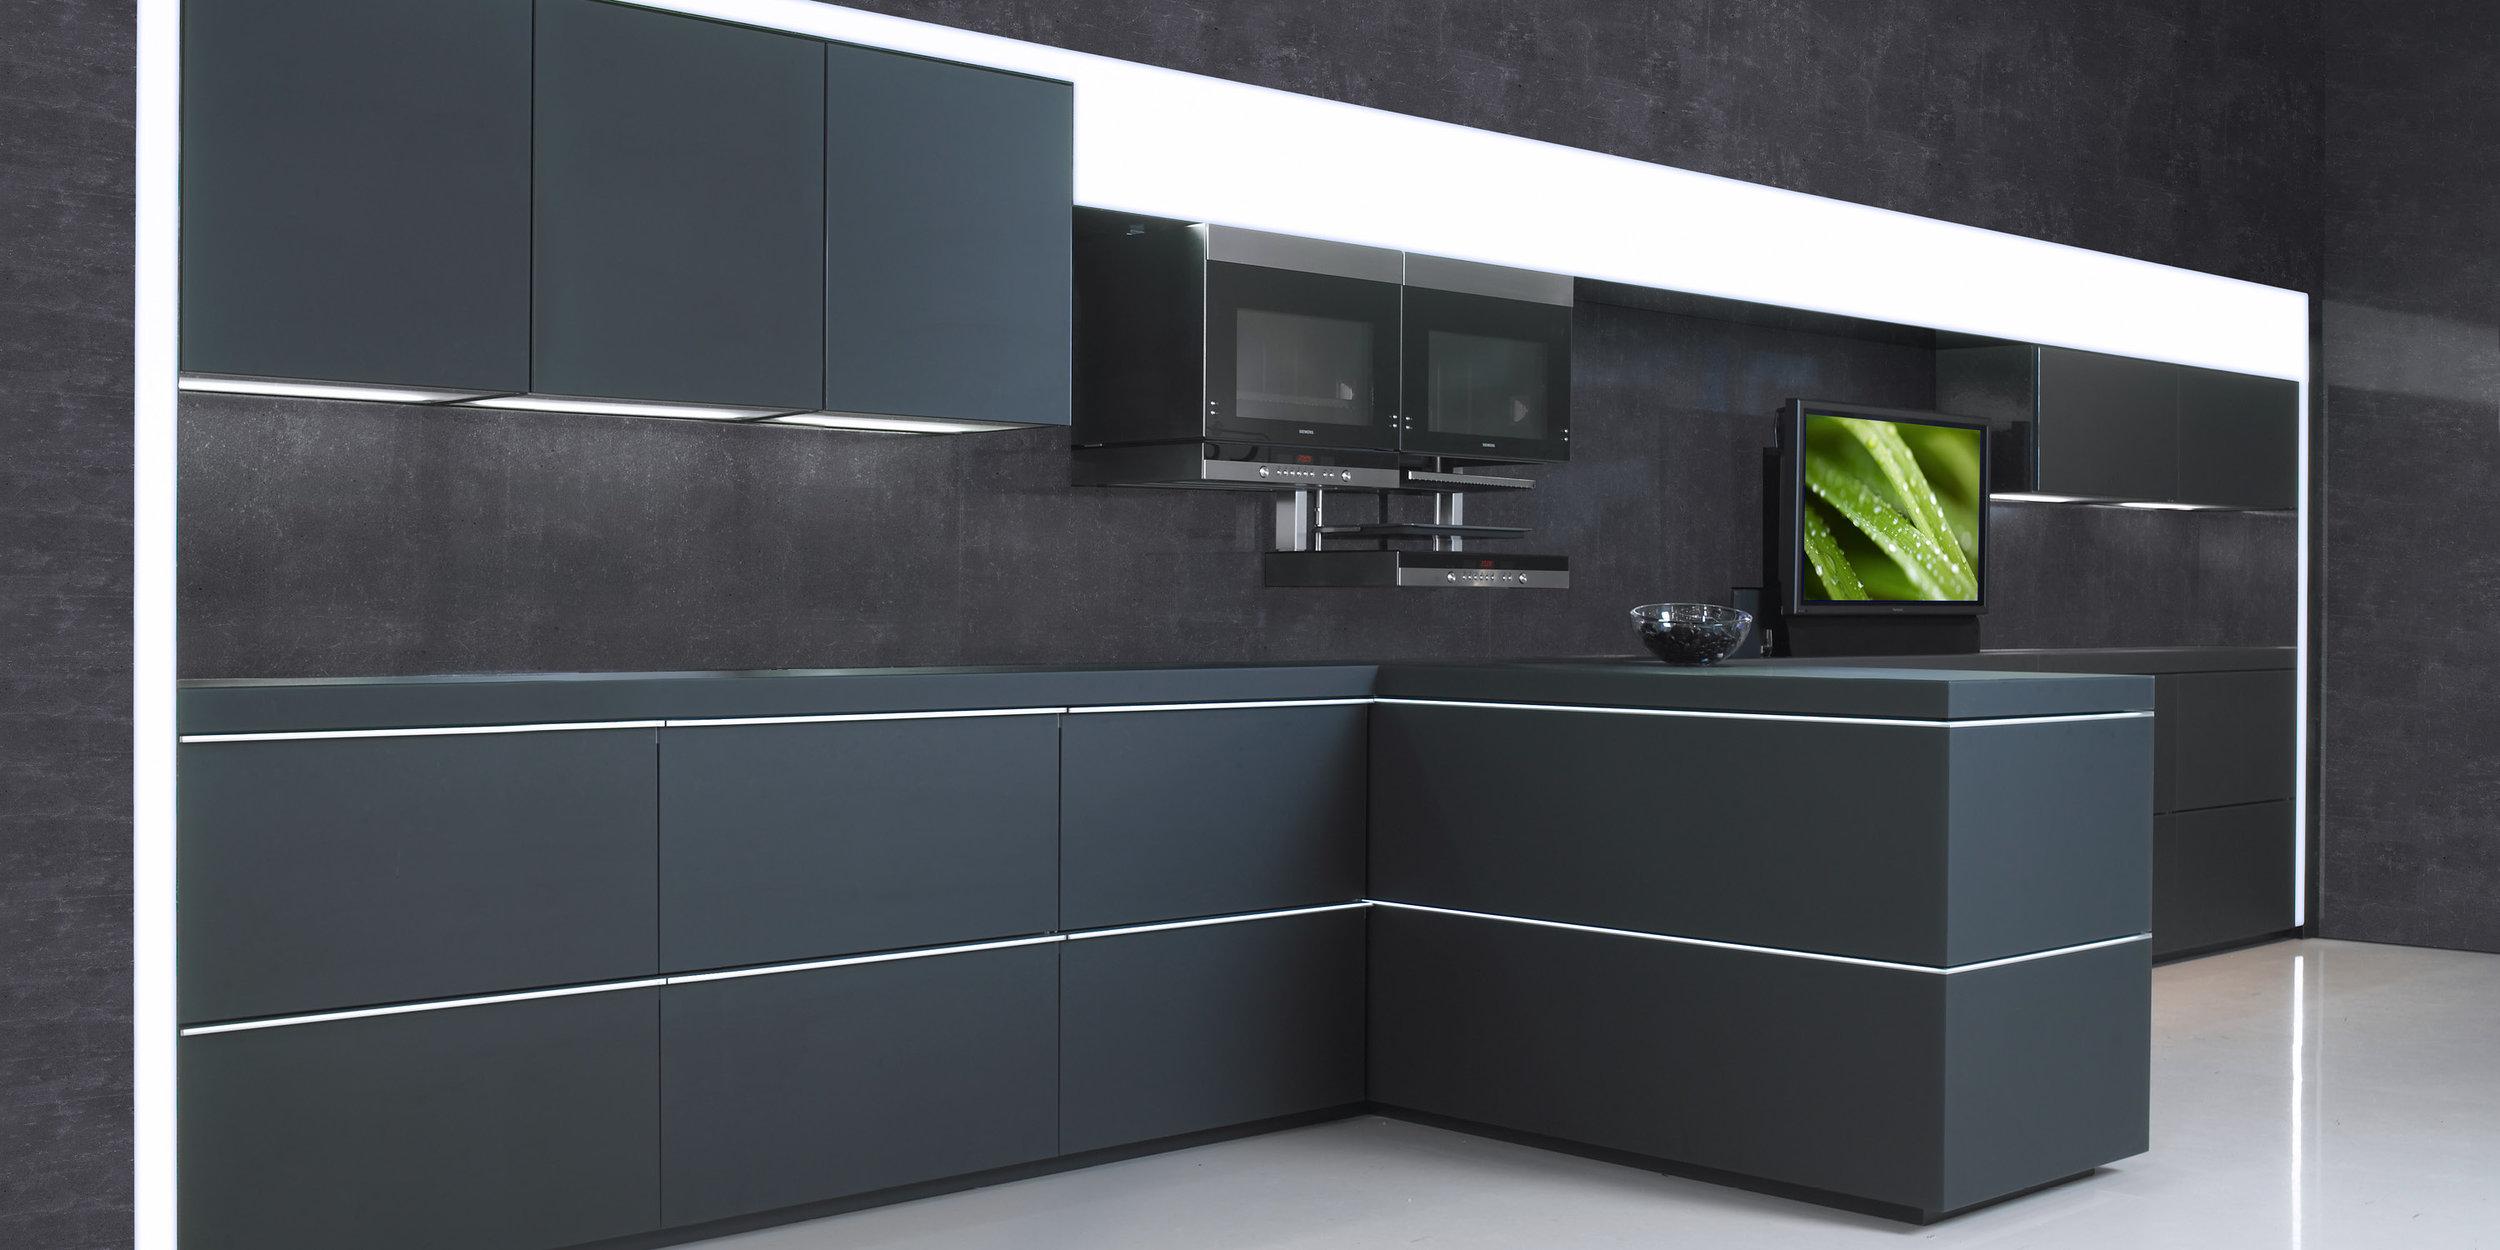 Hettich Easys Küche 01.jpg